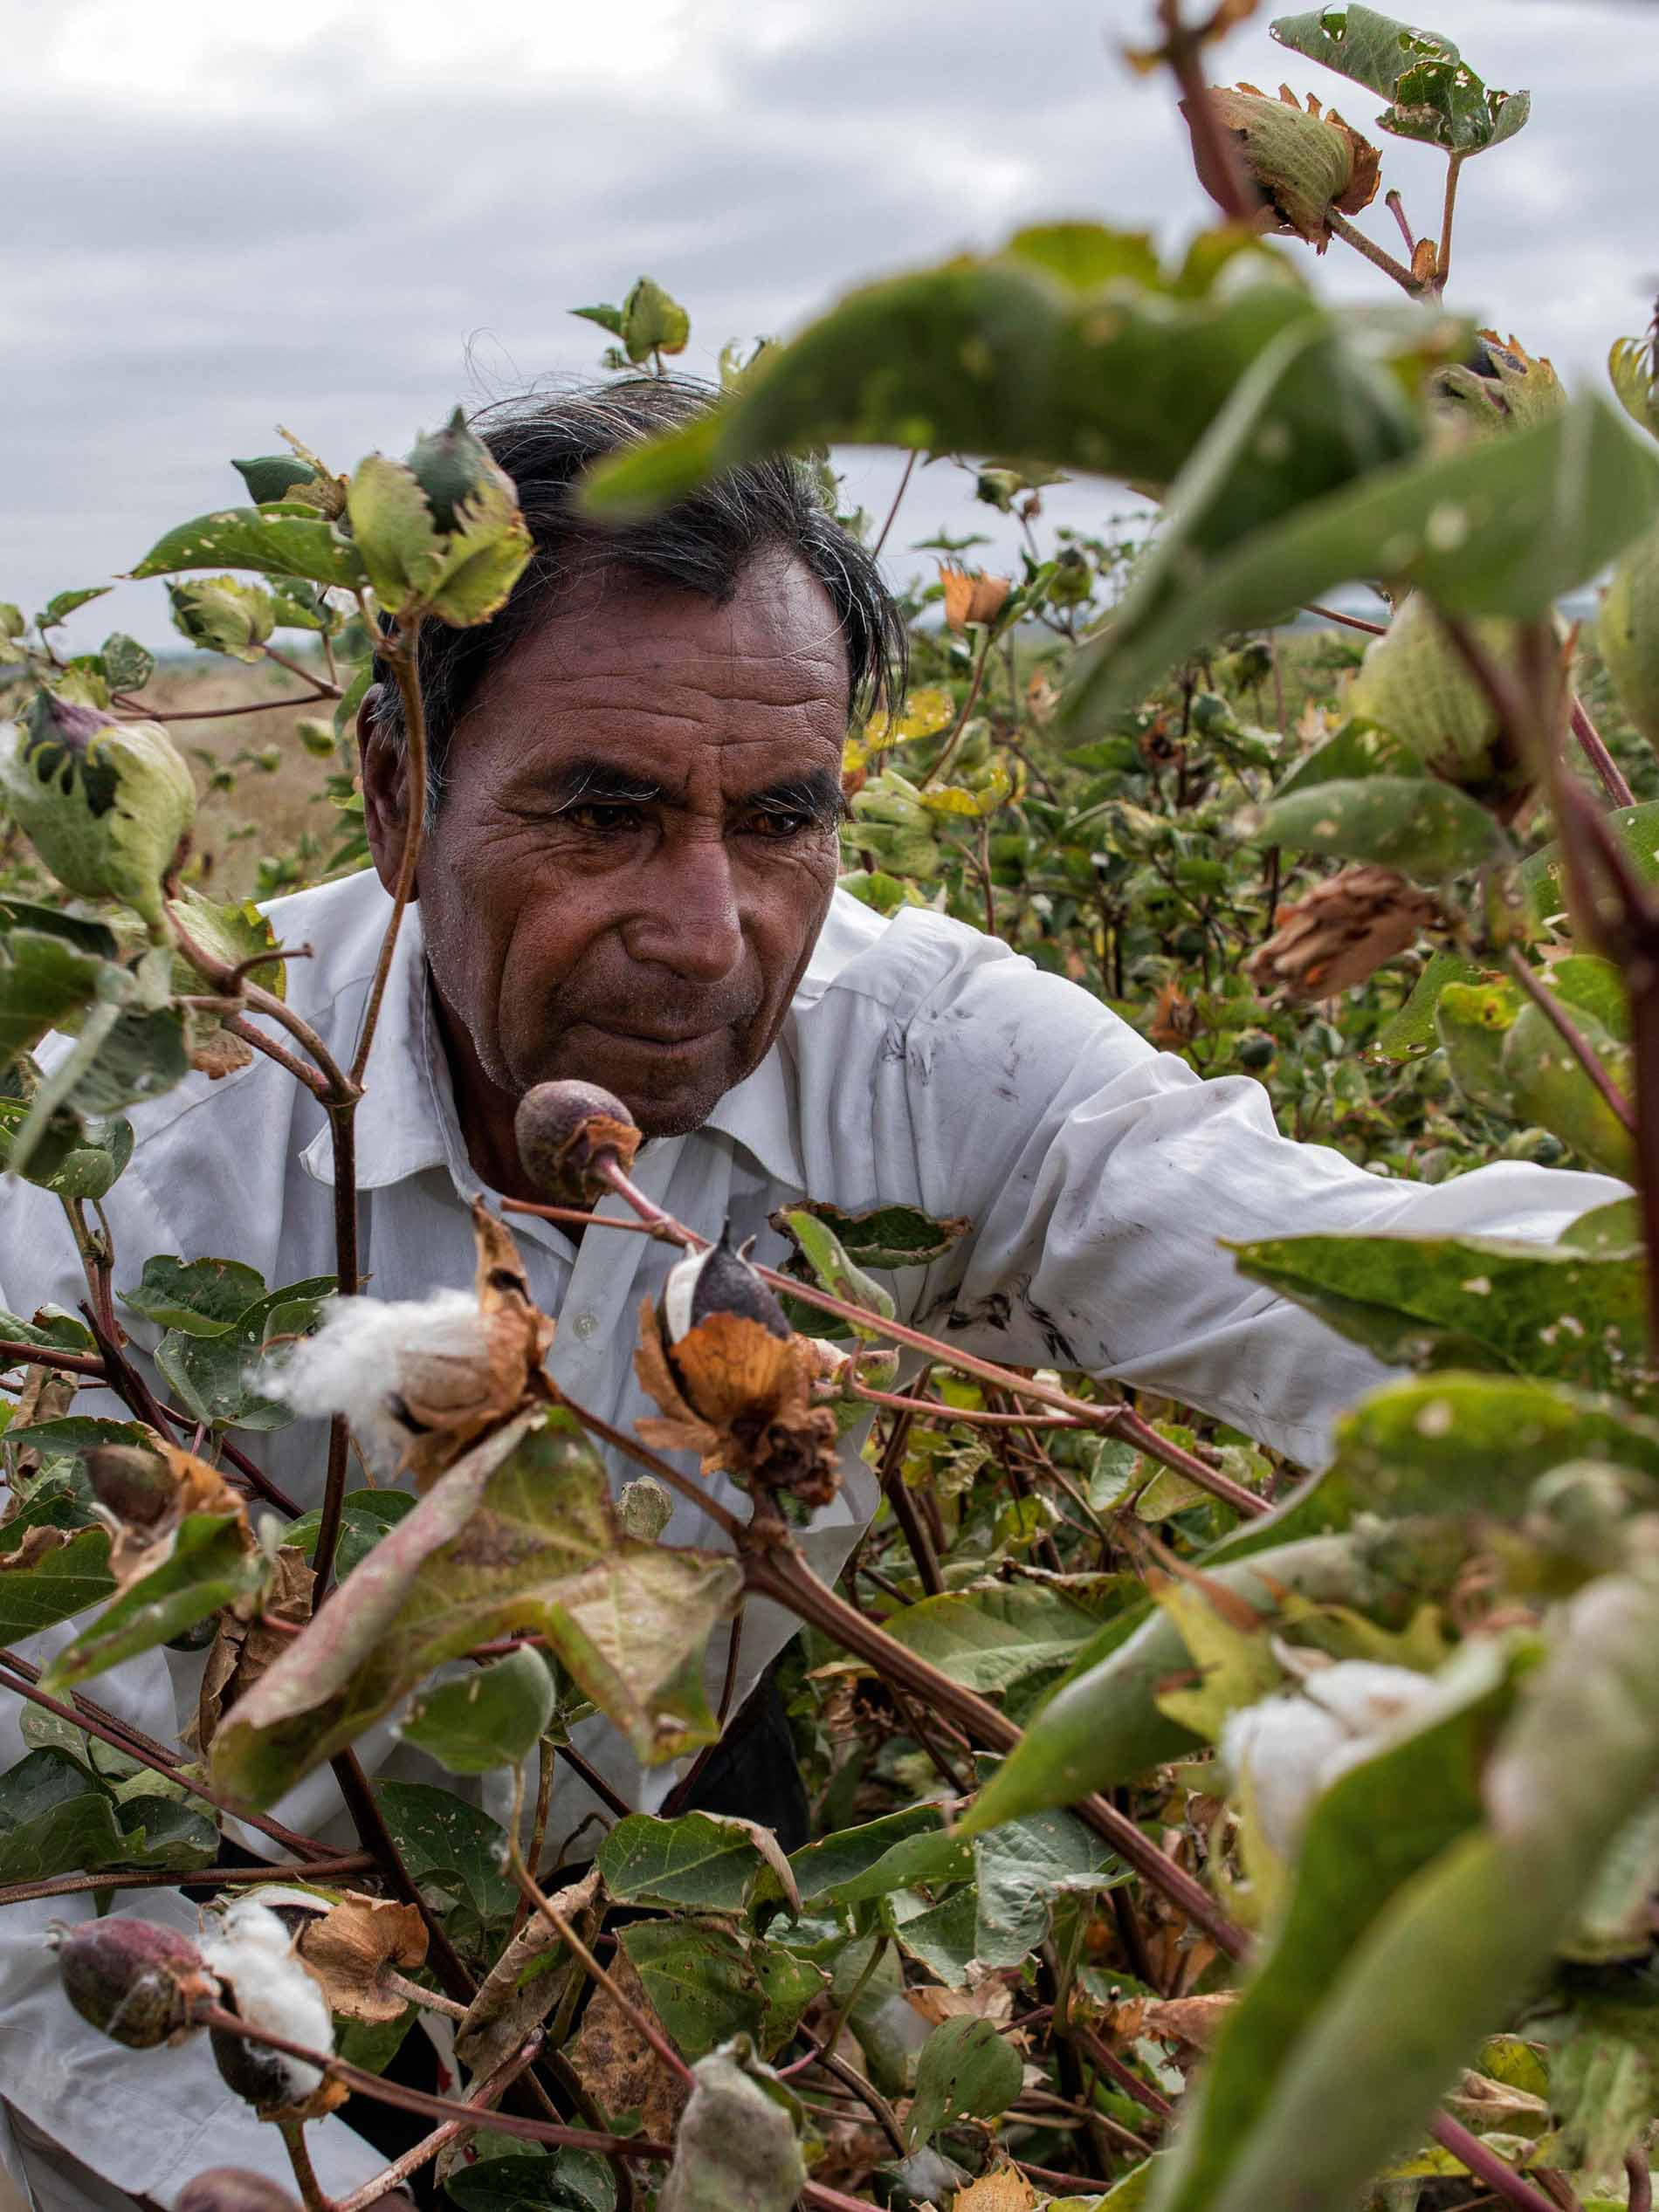 Katoenplukker in Peru oogst de rijpe katoenbloemen   mey®